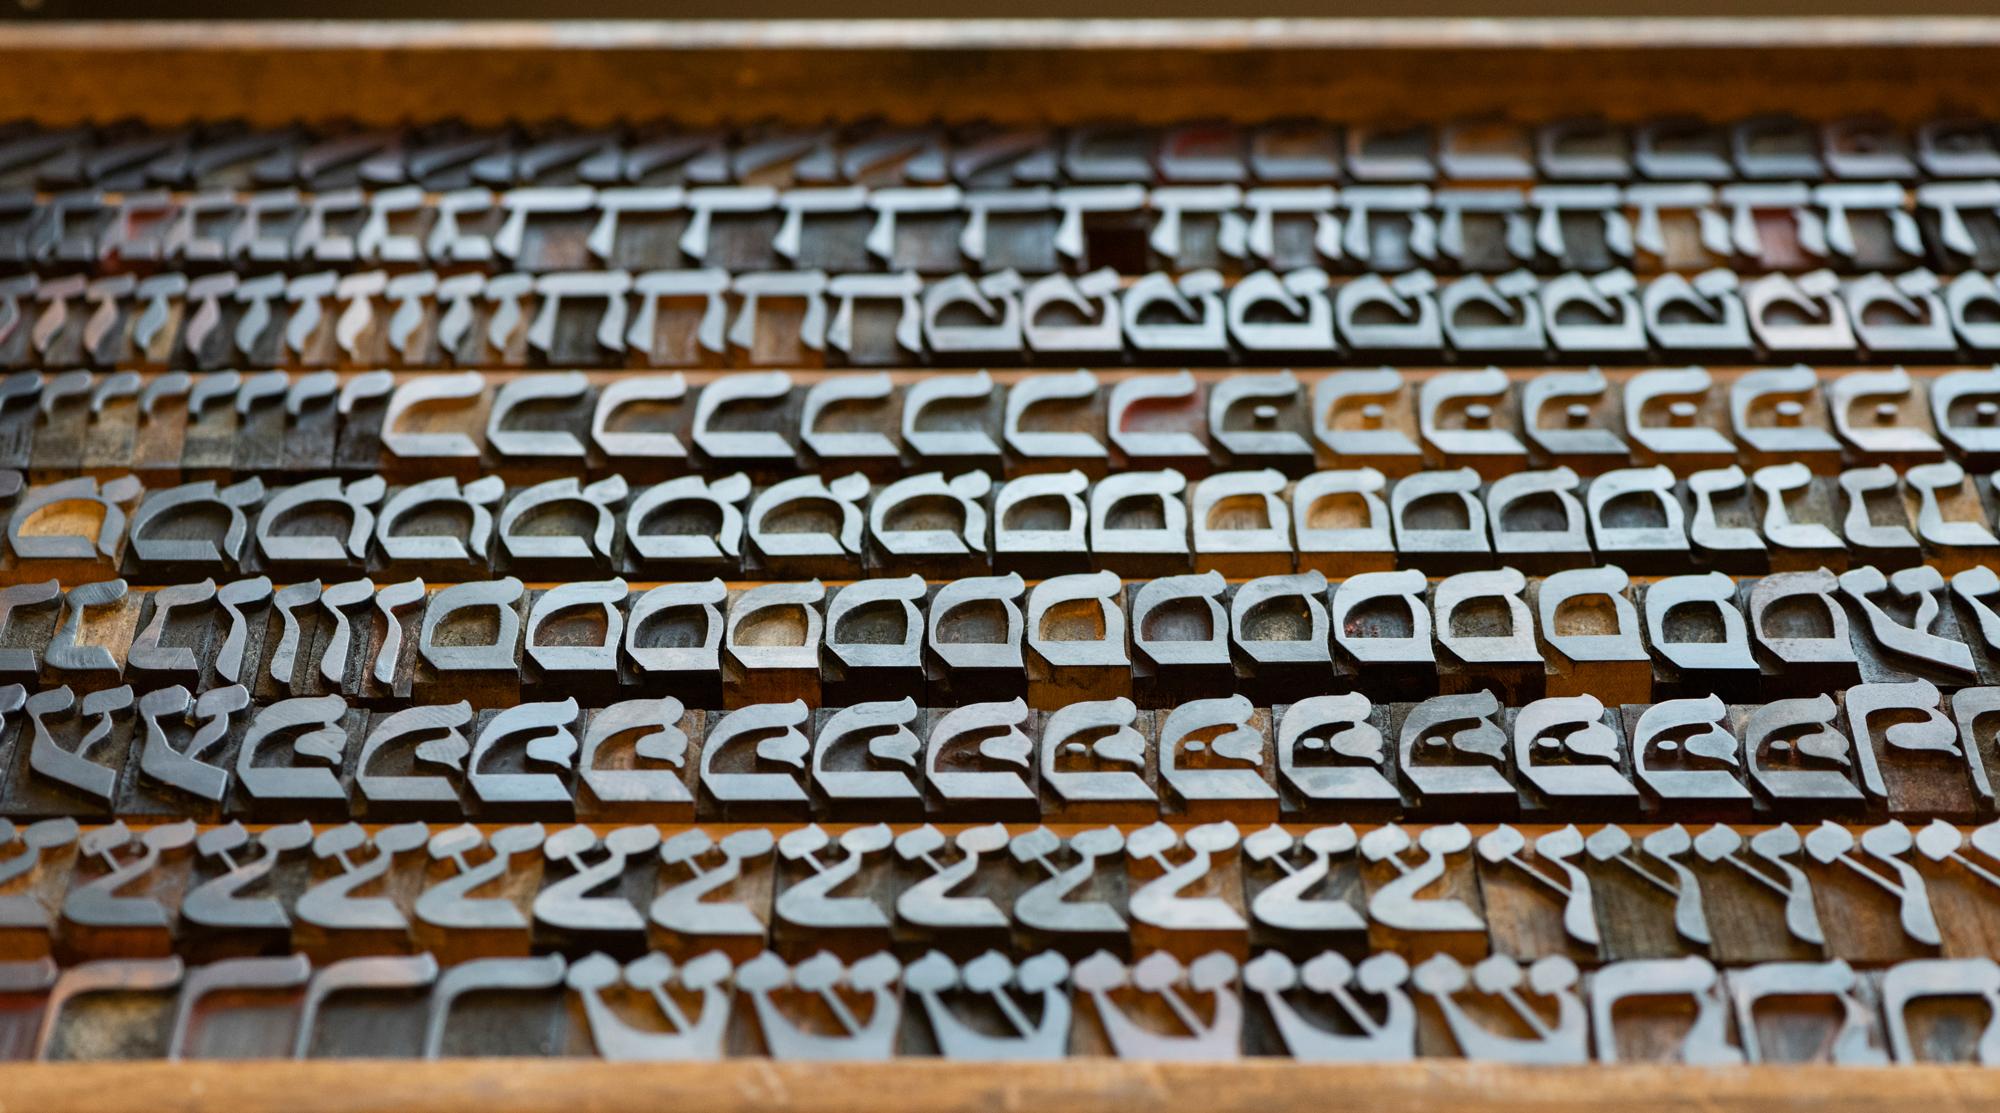 Hebrew wood type